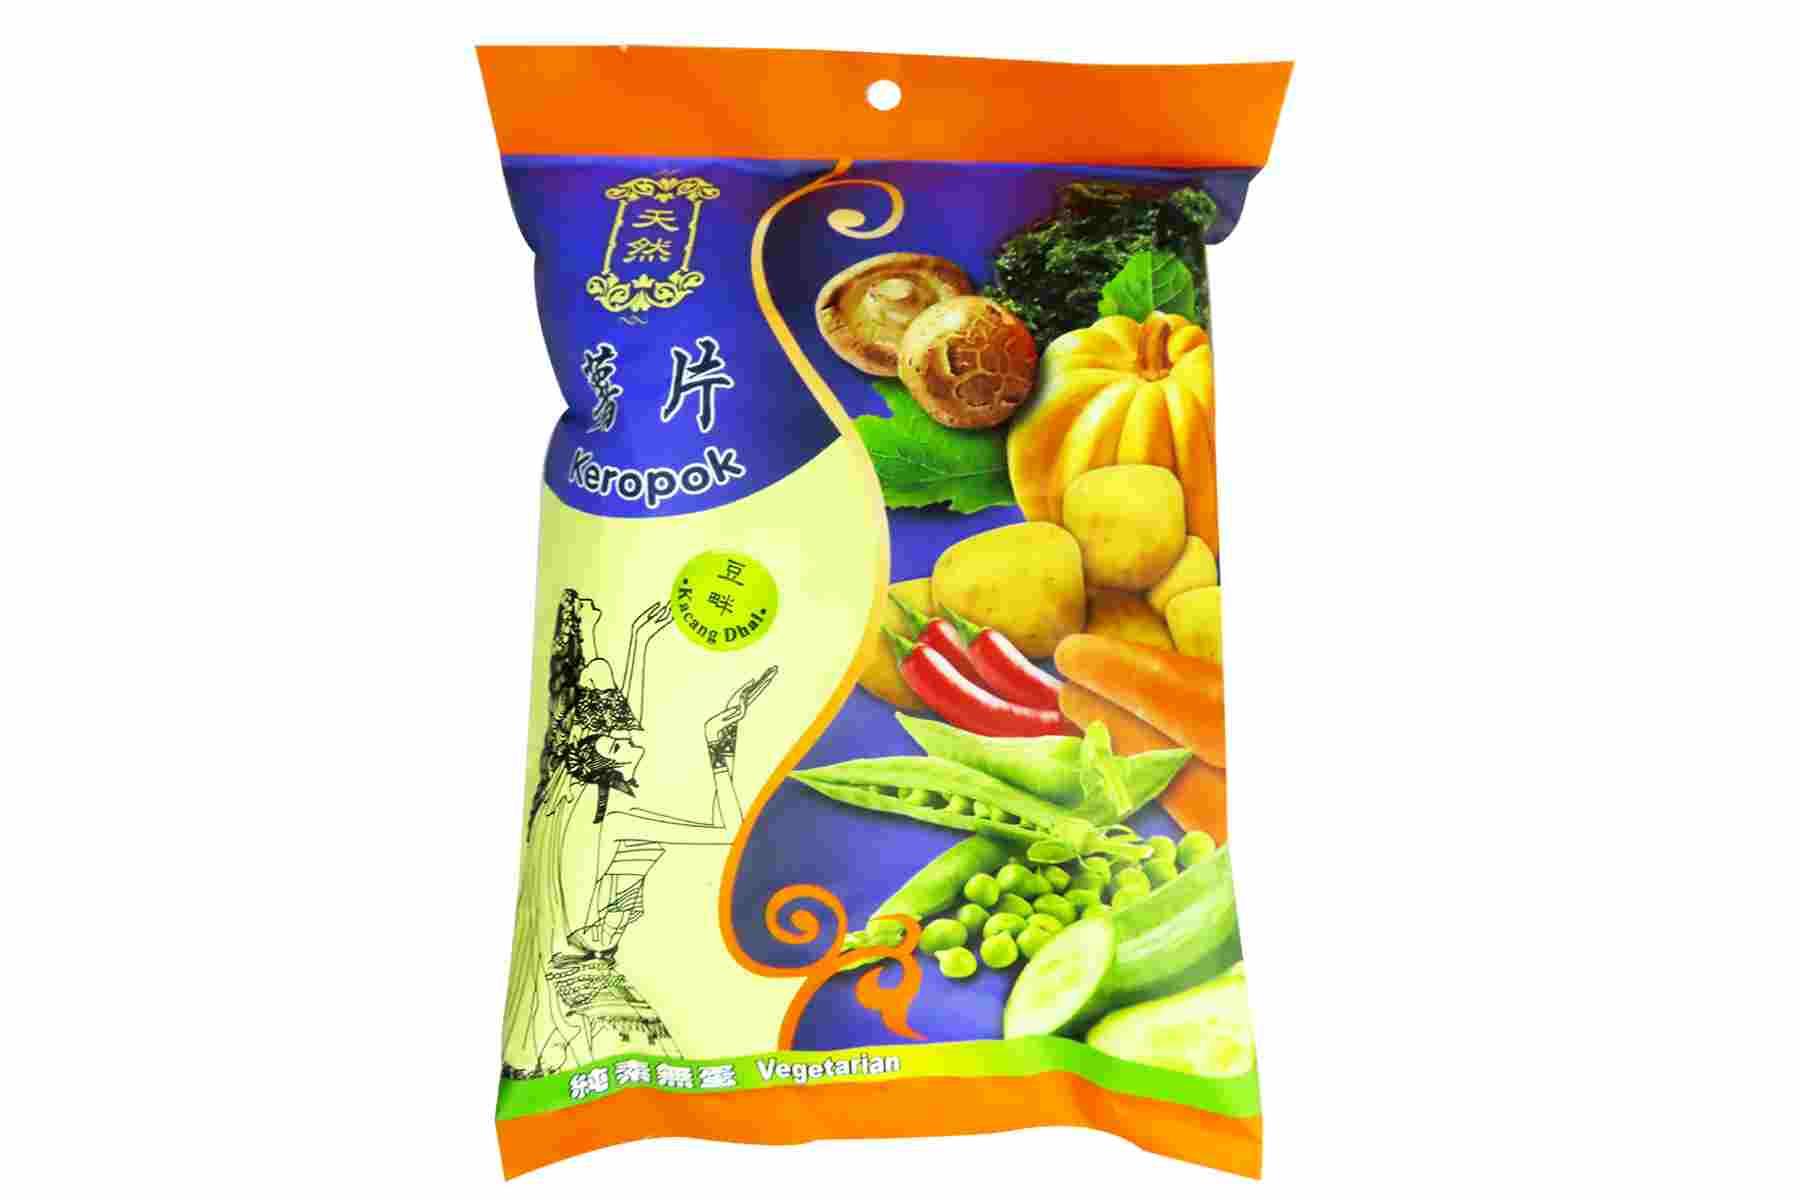 Image Kun Yi Kacang Dhal Cracker 昆益 - 豆畔薯片 40grams